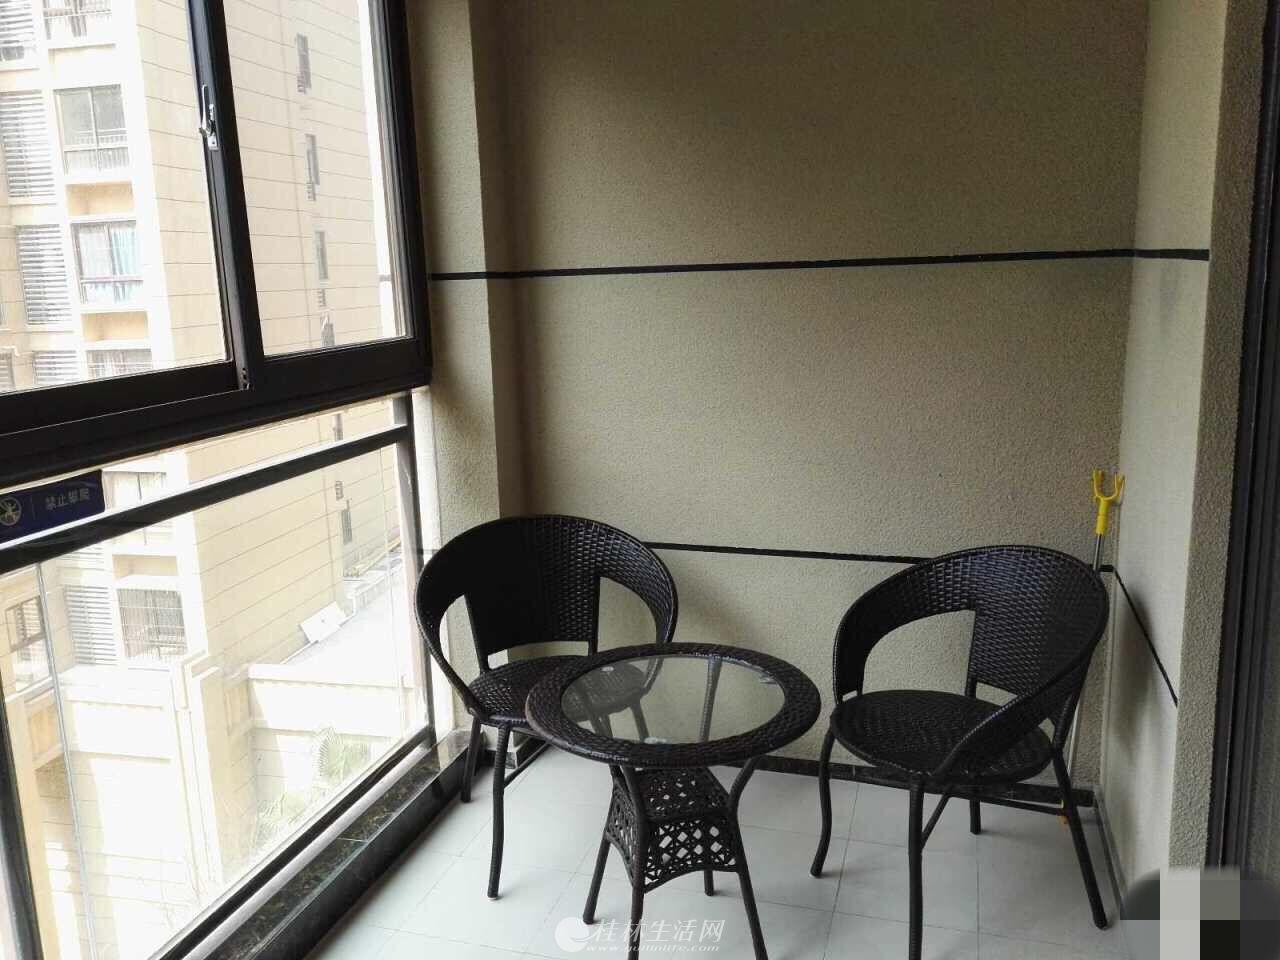 出租,万达华府,单间配套,50平米,电梯6楼,2000元/月,精装修